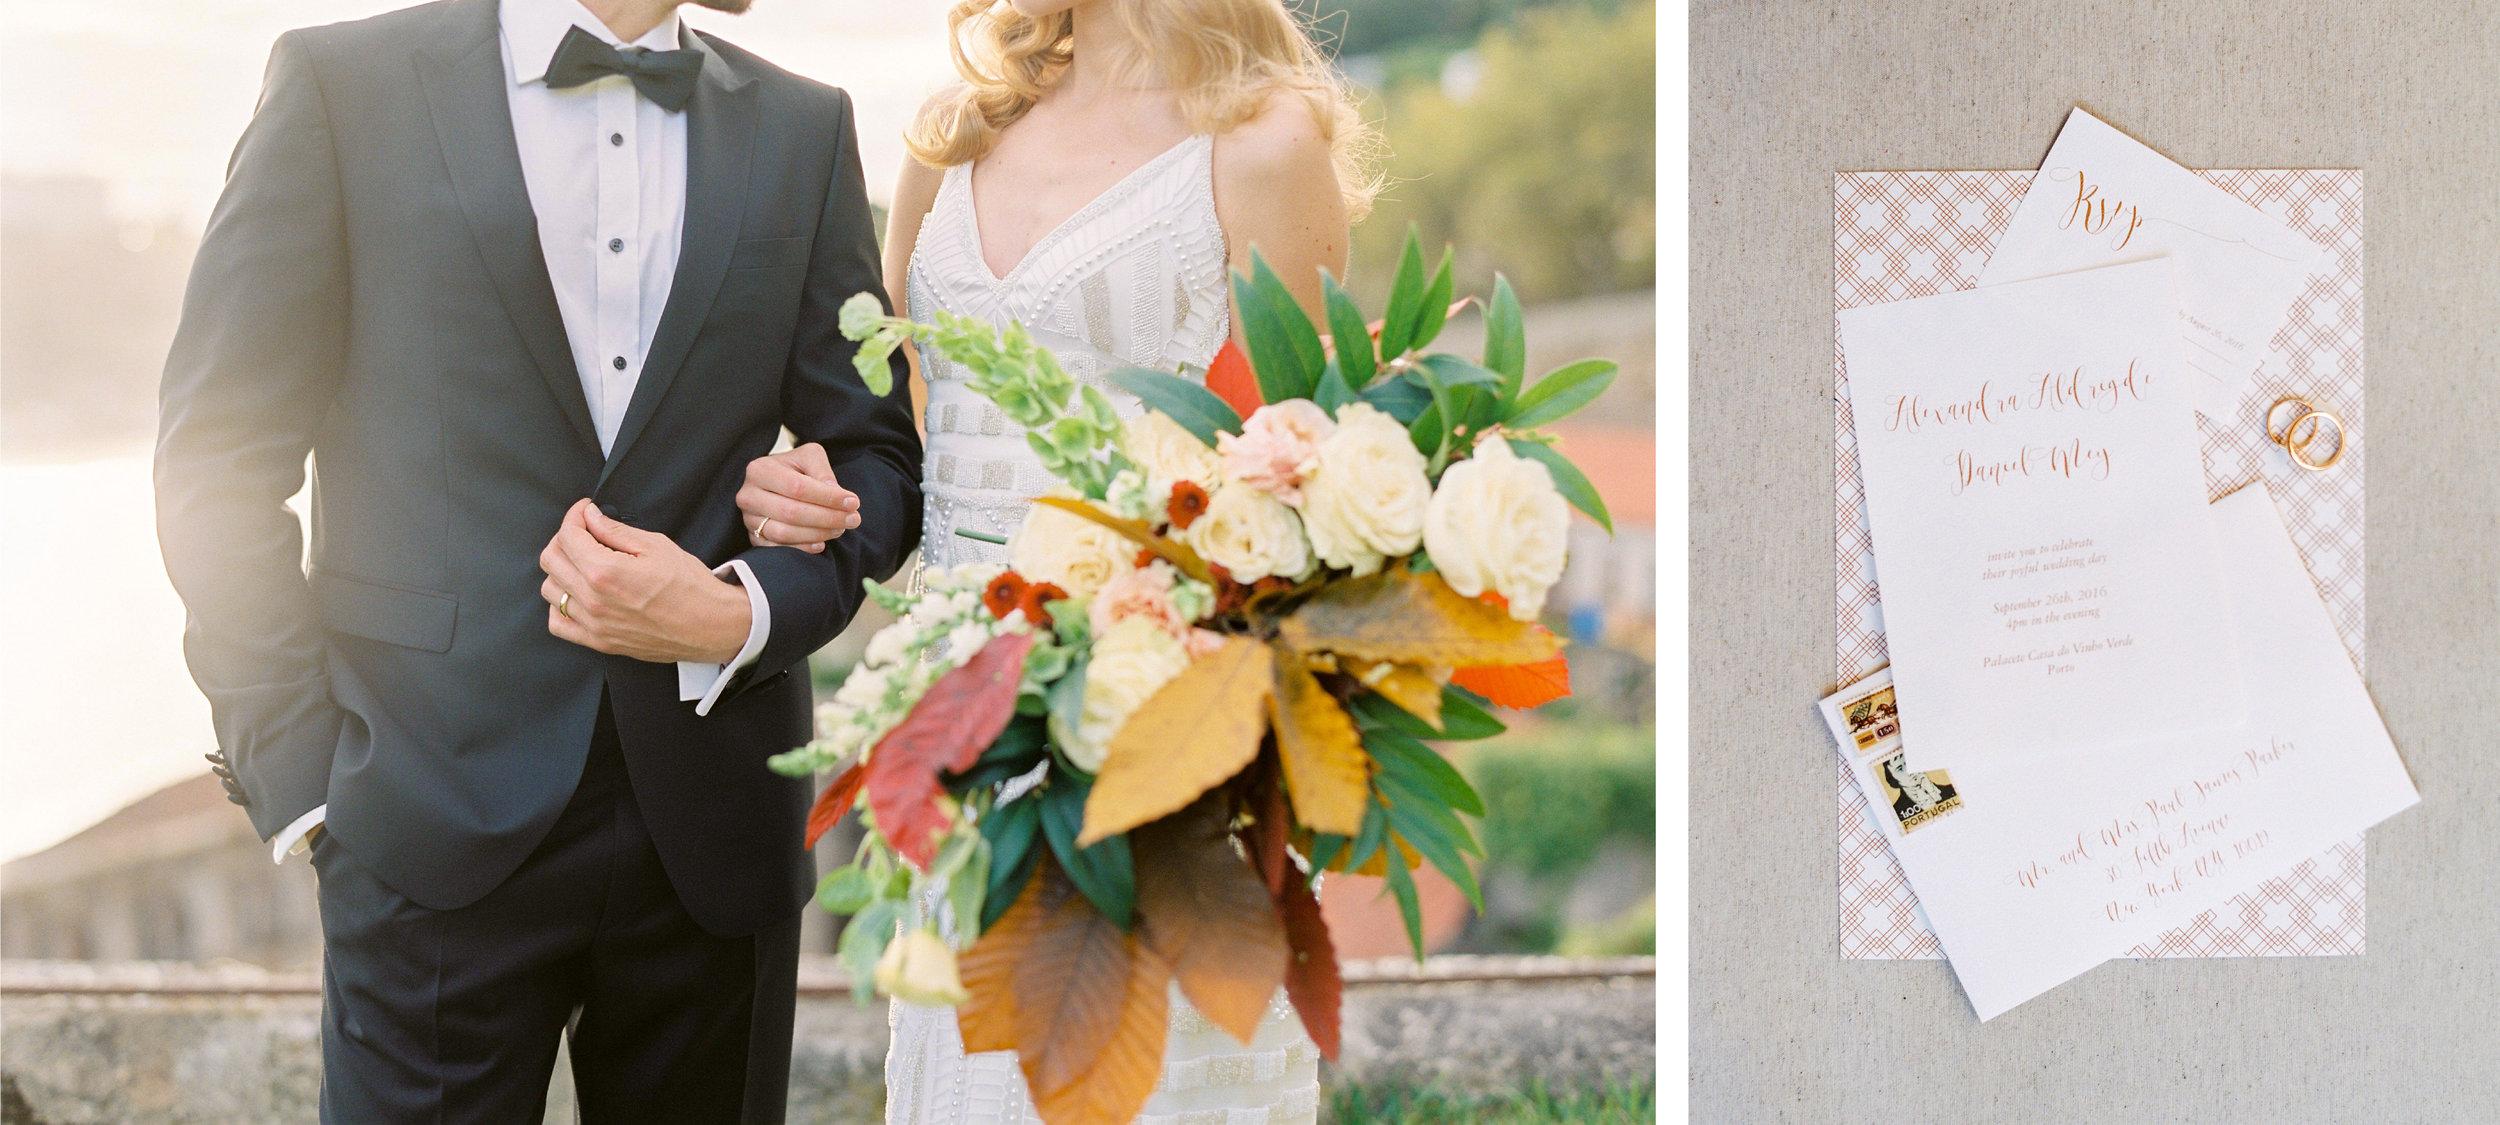 20190821_wedding5.jpg